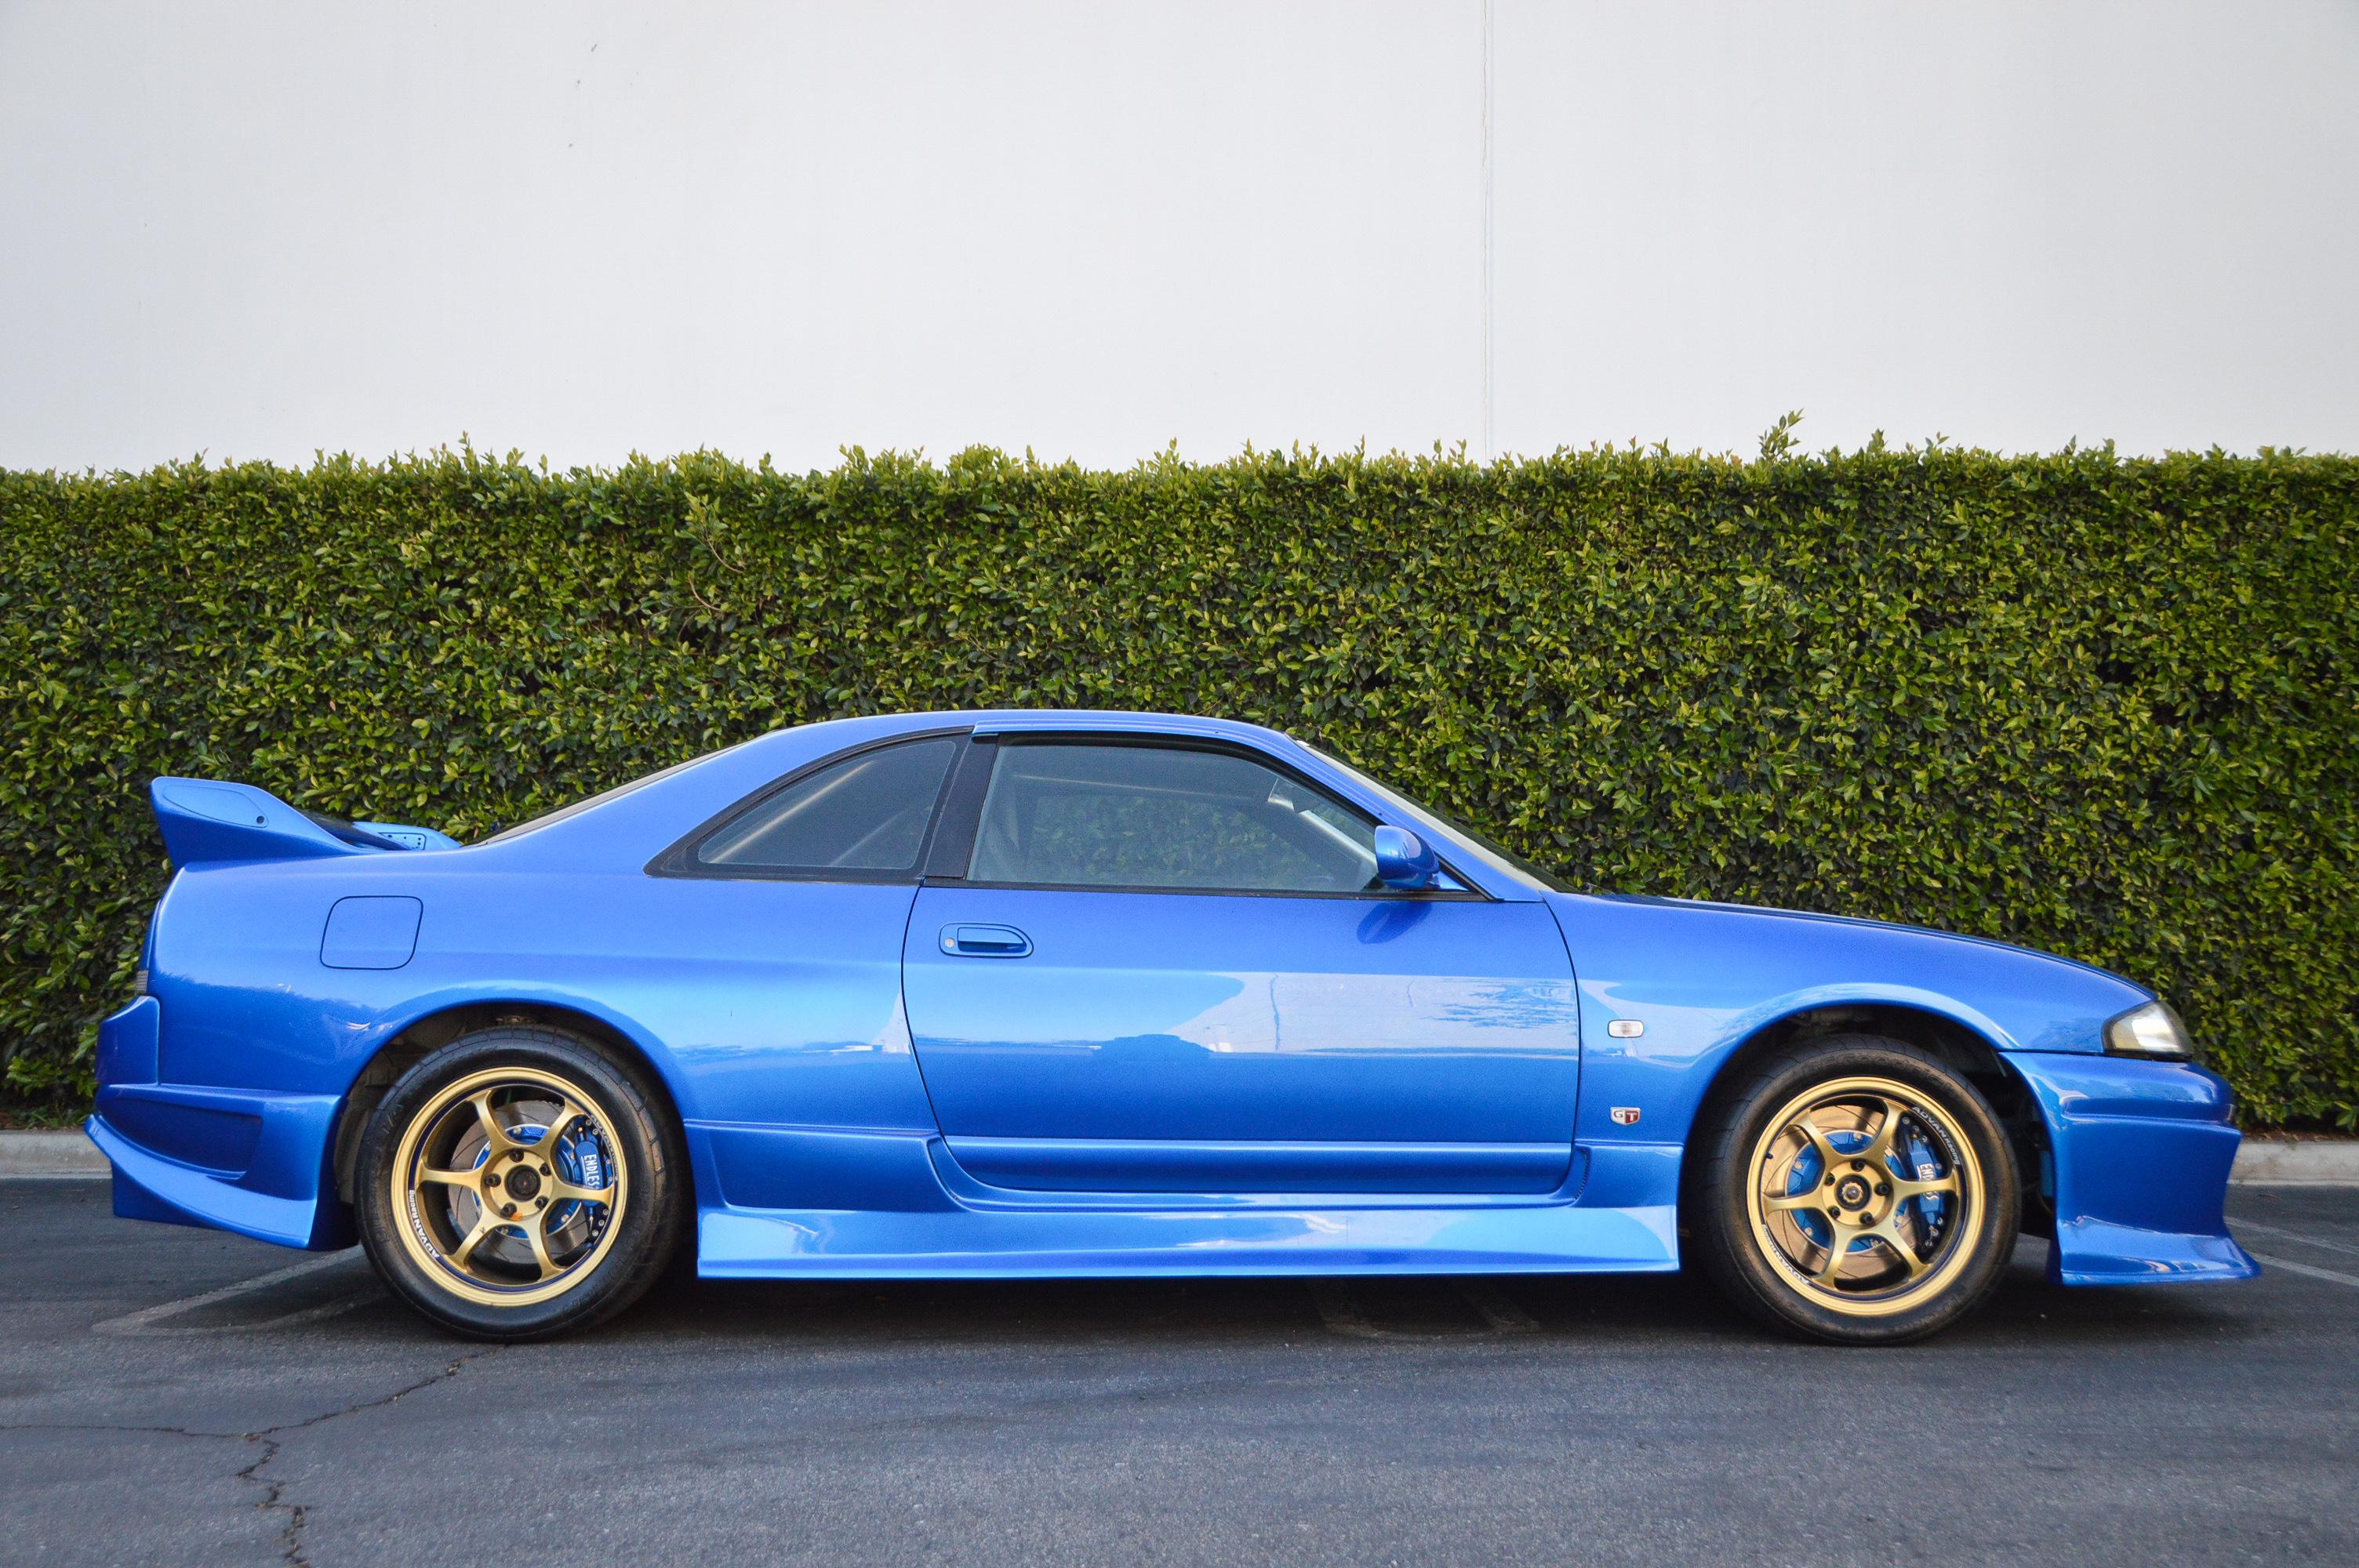 MotoRex R33 GT-R 1000 hp for sale by Toprank Importers